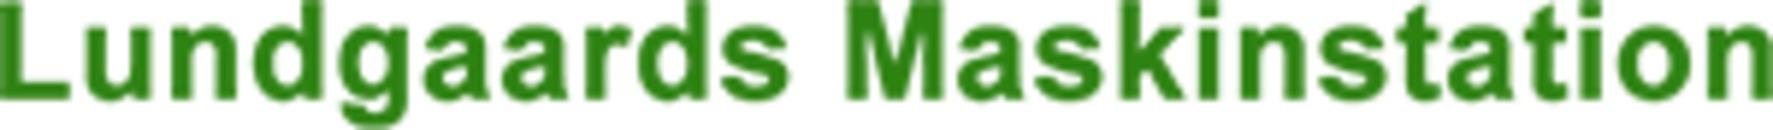 Lundgaards Maskinstation logo